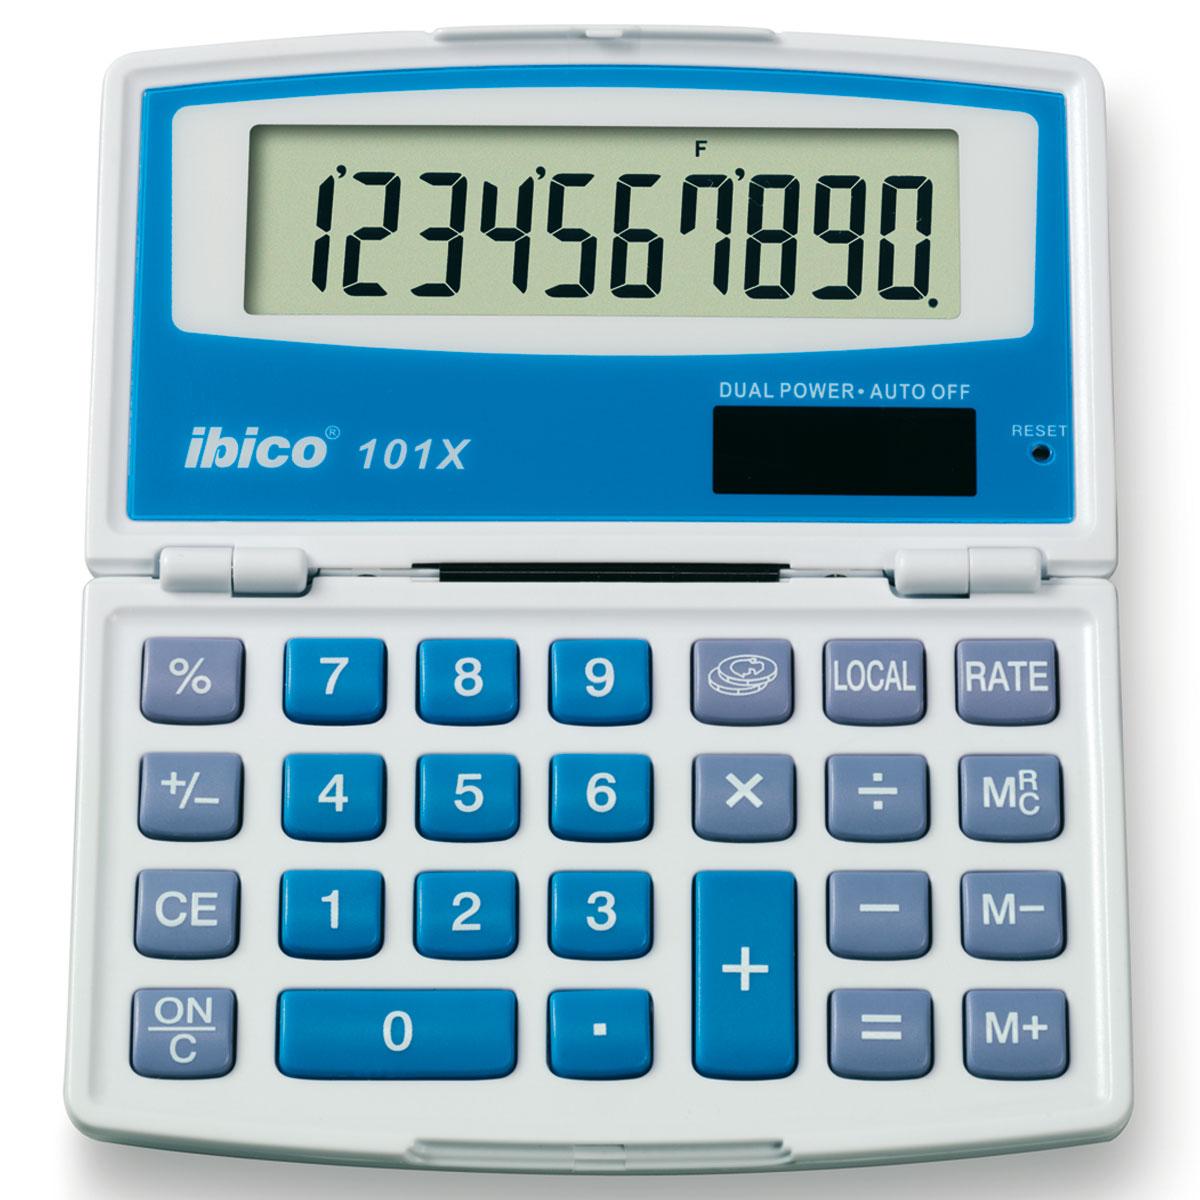 Ibico 101x calculatrice ibico sur for Calculatrice prix